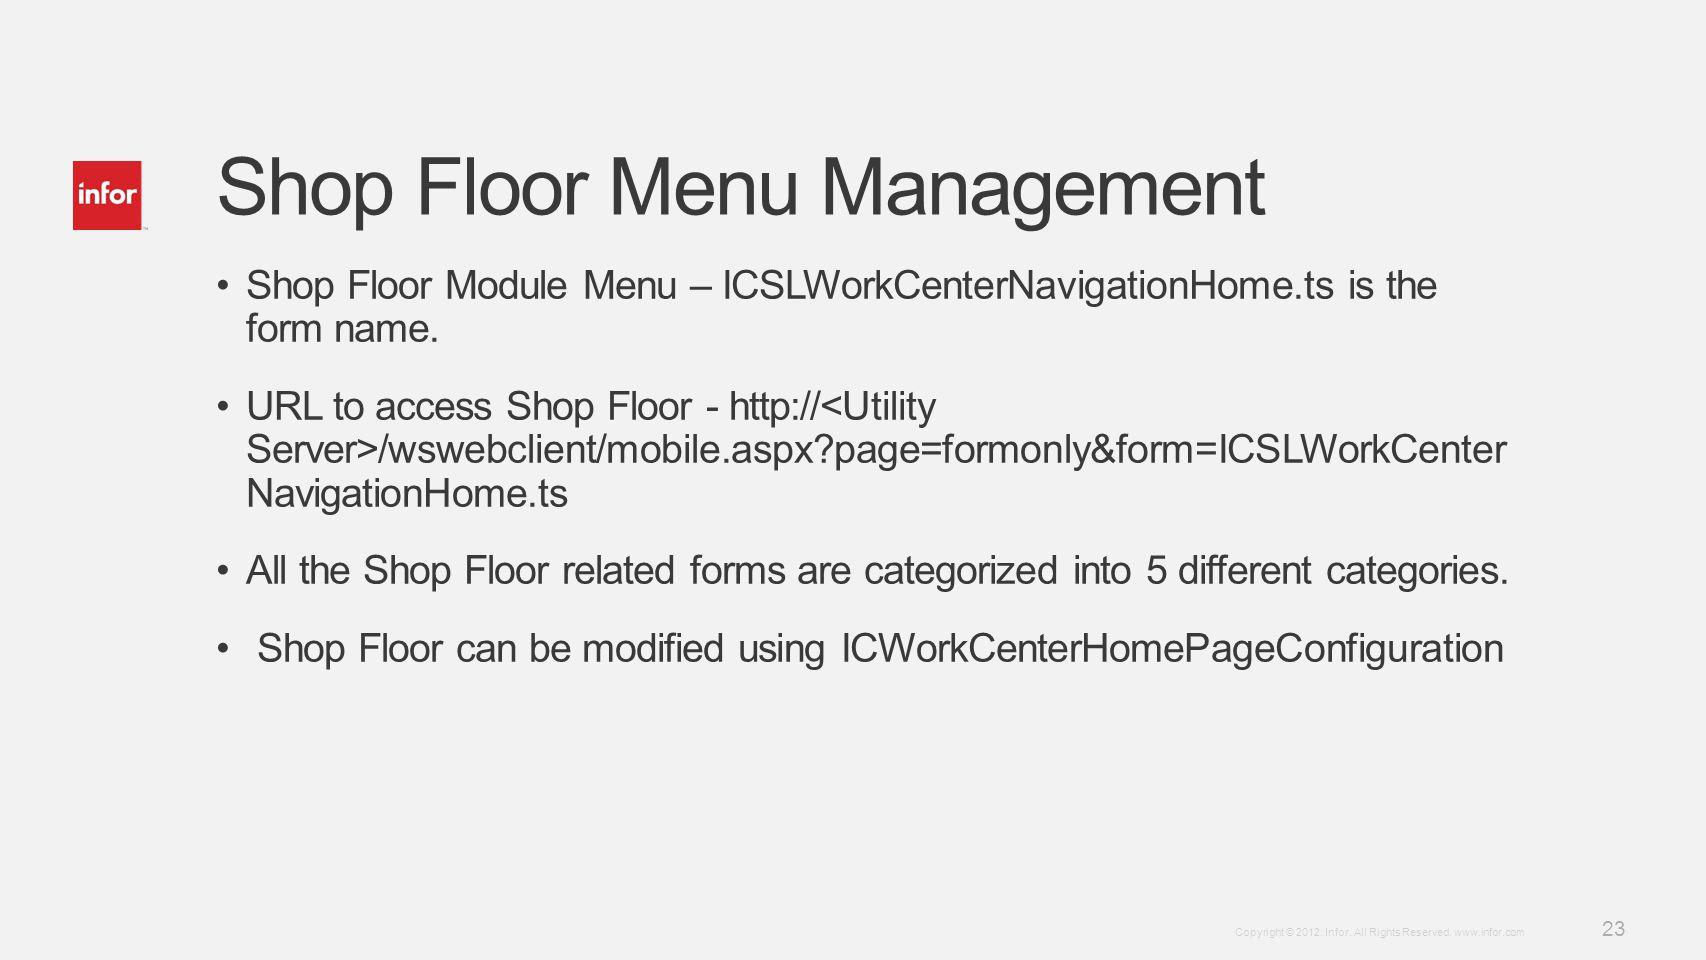 Template v4 September 27, 2012 23 Copyright © 2012. Infor. All Rights Reserved. www.infor.com Shop Floor Menu Management Shop Floor Module Menu – ICSL